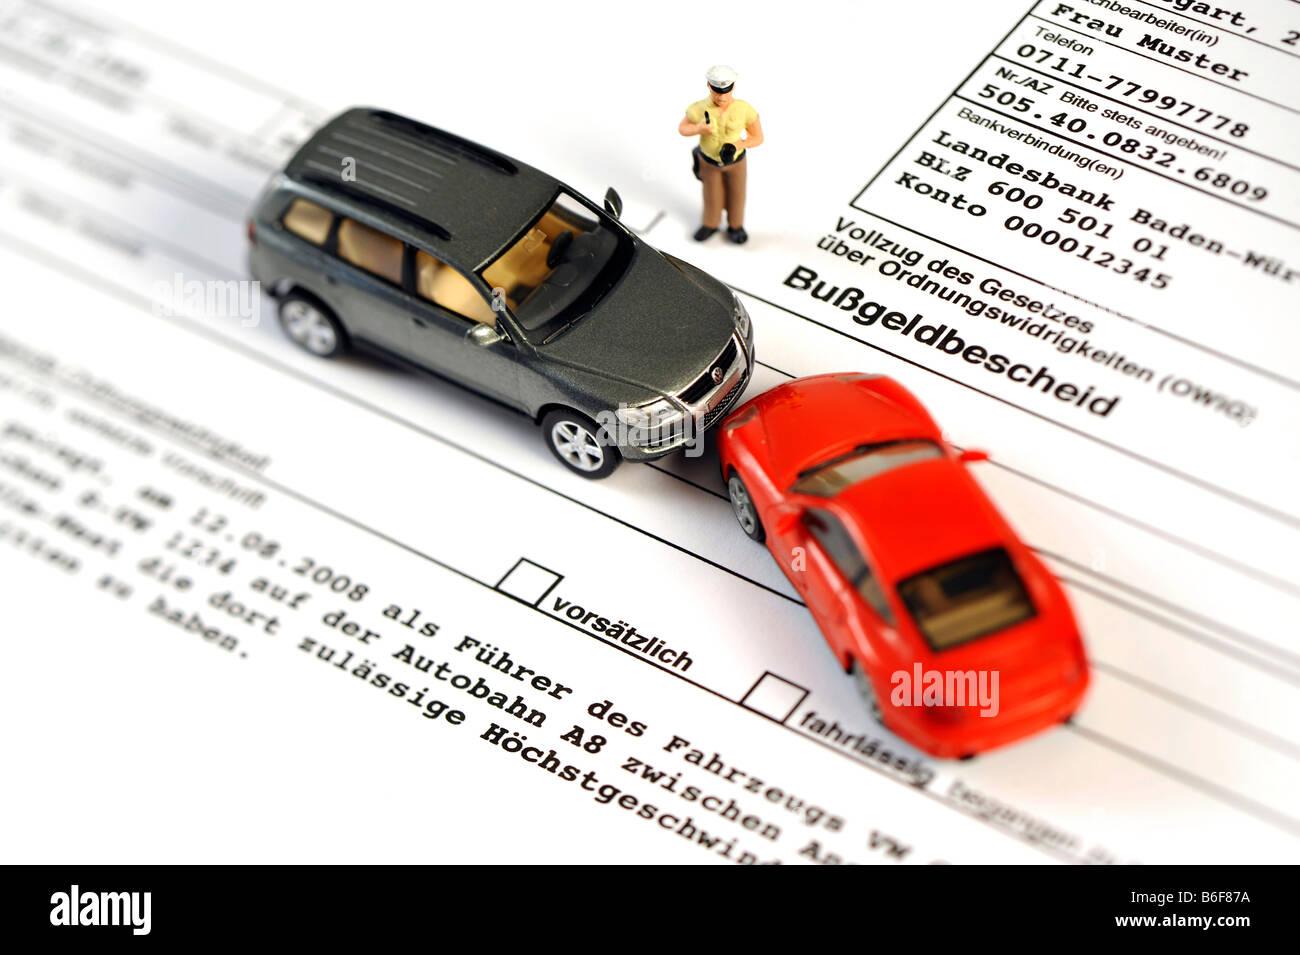 policeman vw touareg and porsche 911 cars as miniature figures on a traffic violation - Bugeldbescheid Muster